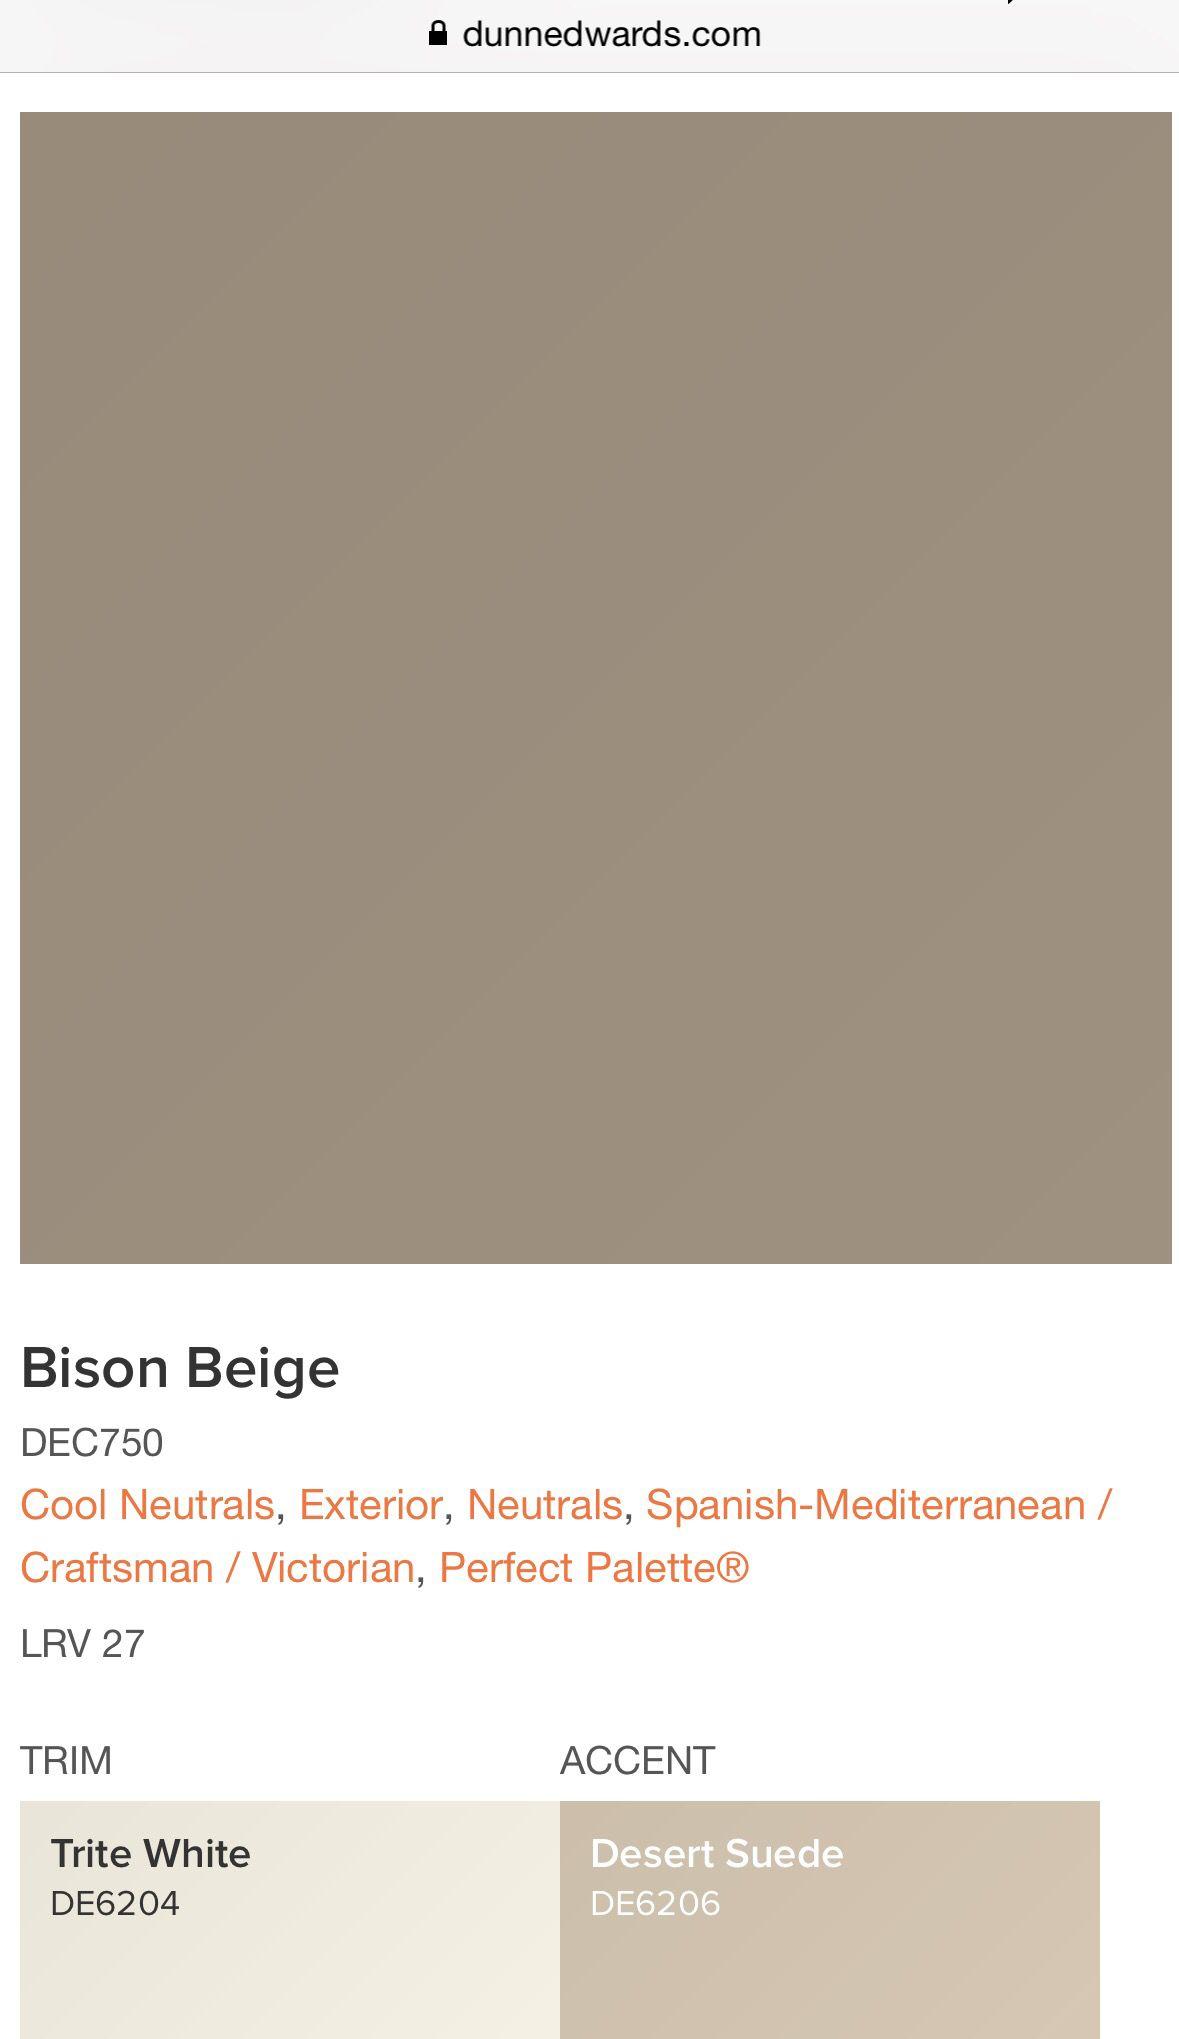 Dunn Edwards Exterior Paint Bison Beige Desert Suede